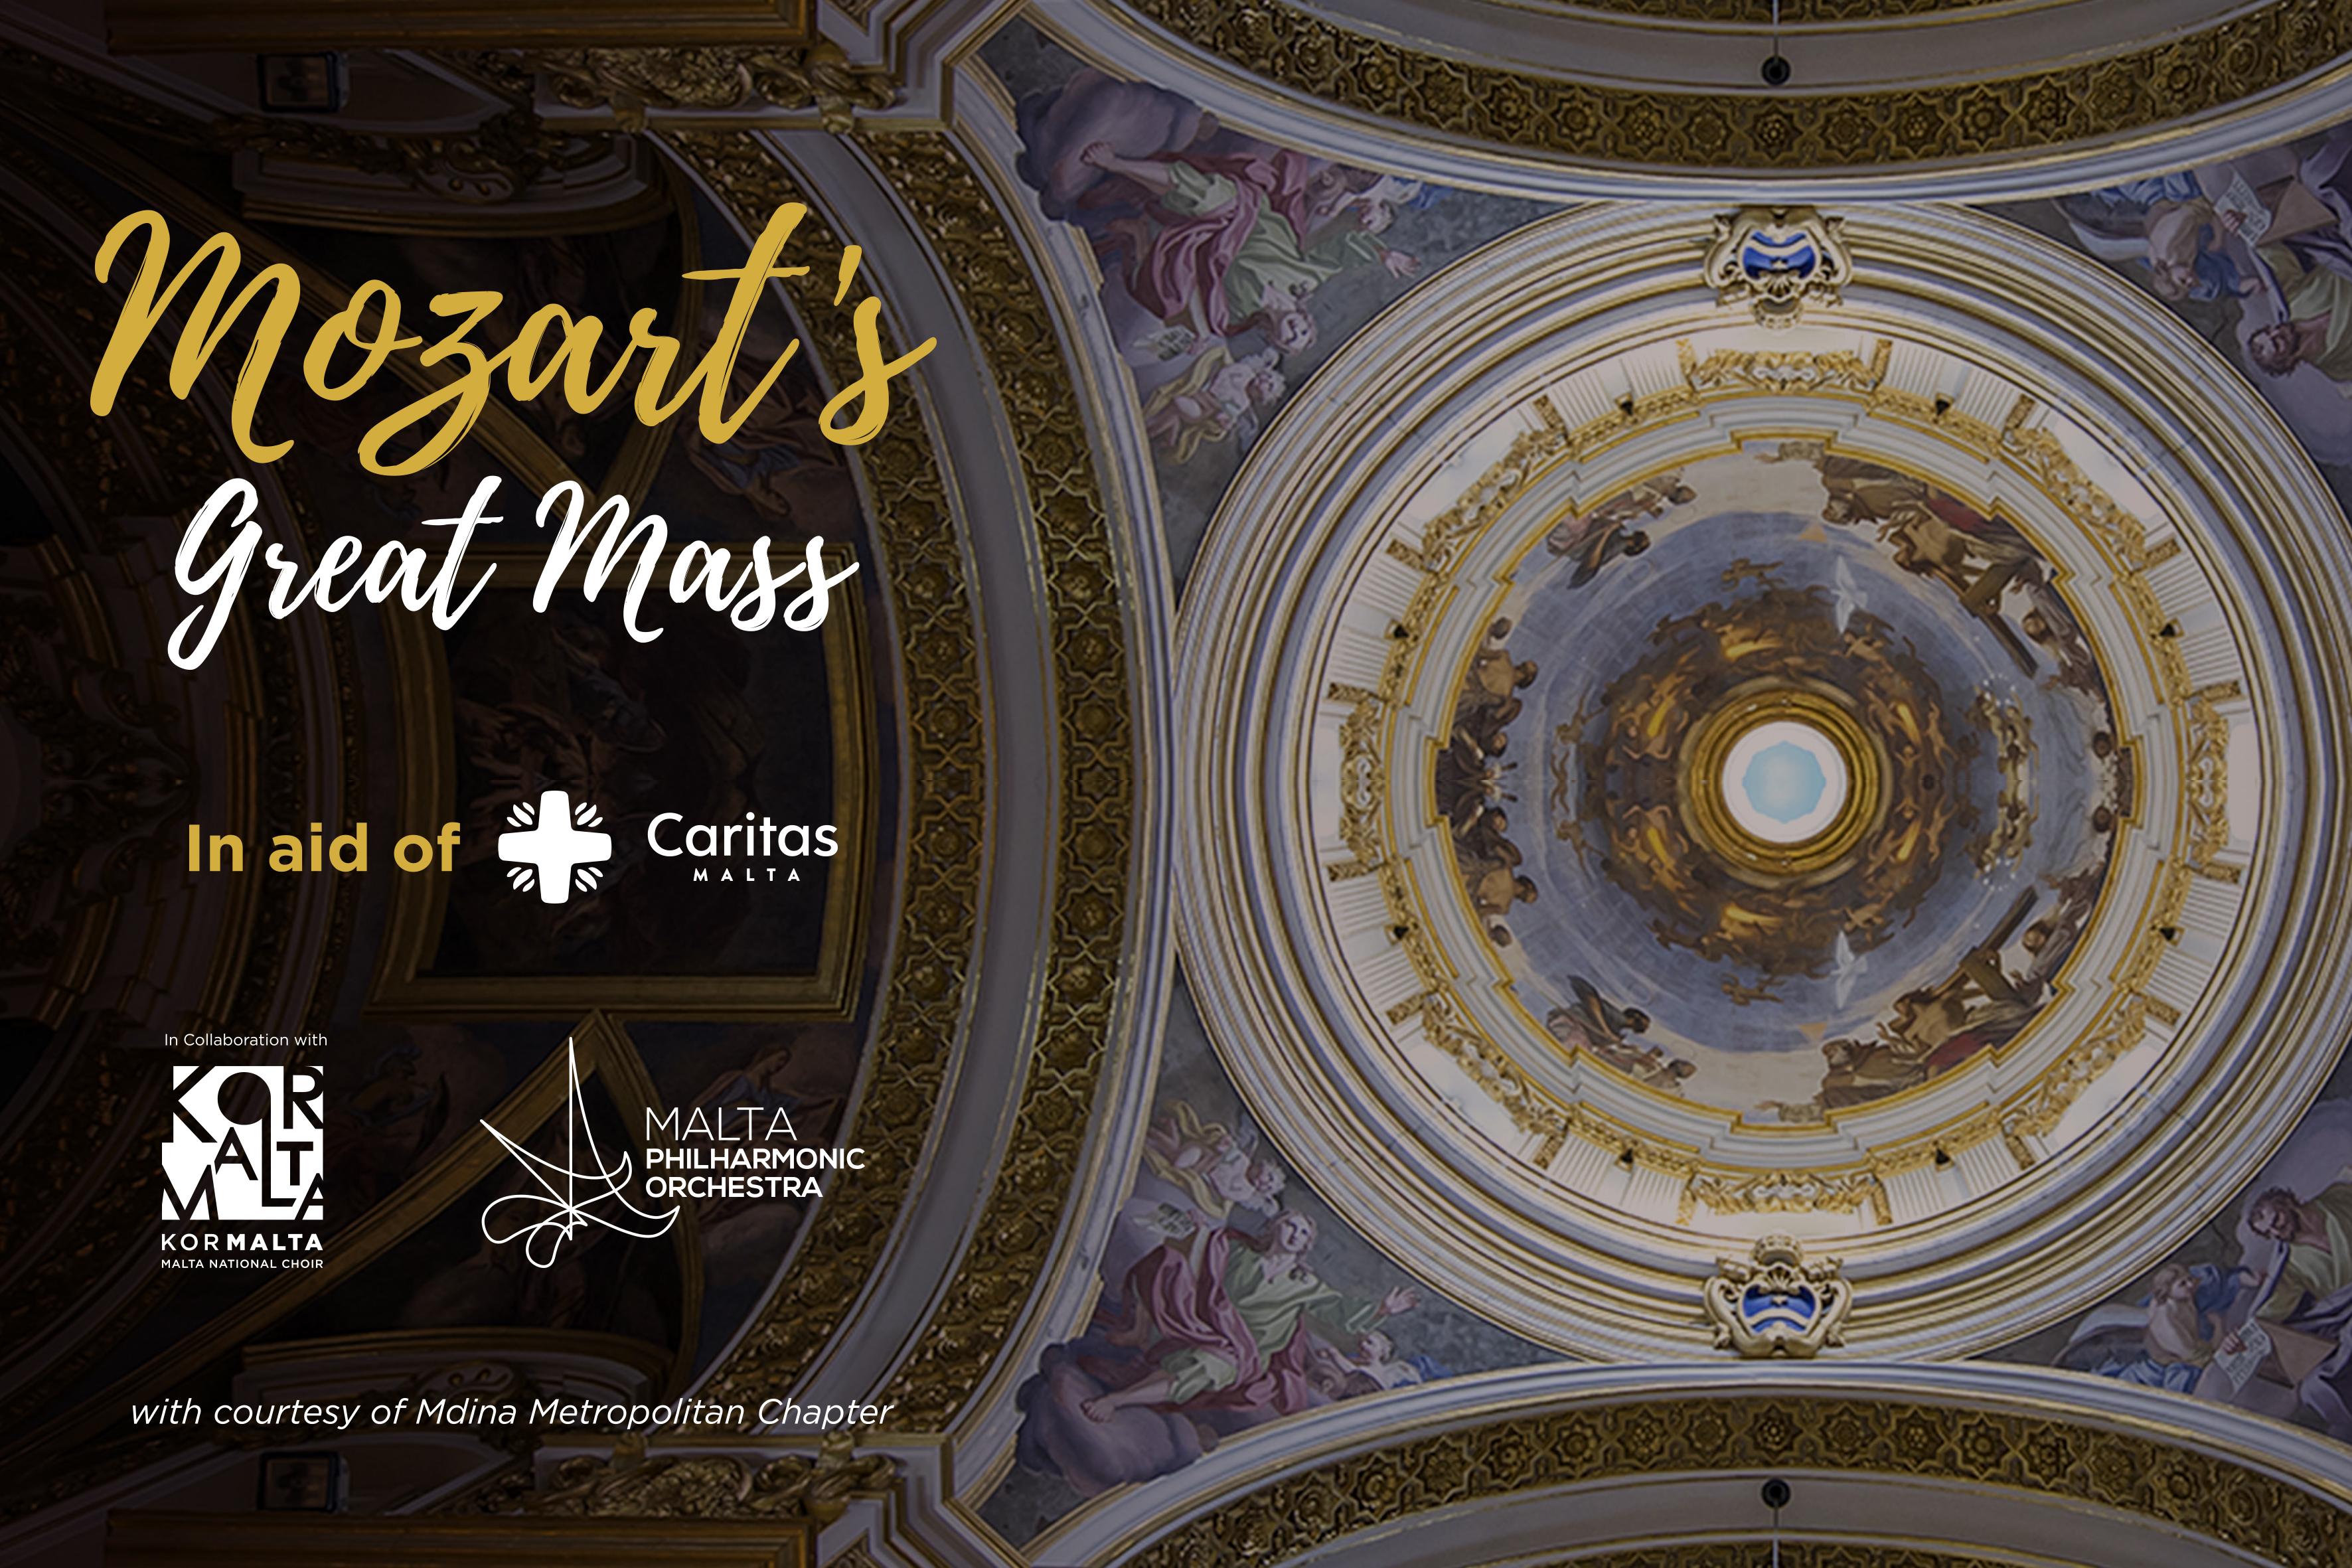 Mozart's Great Mass